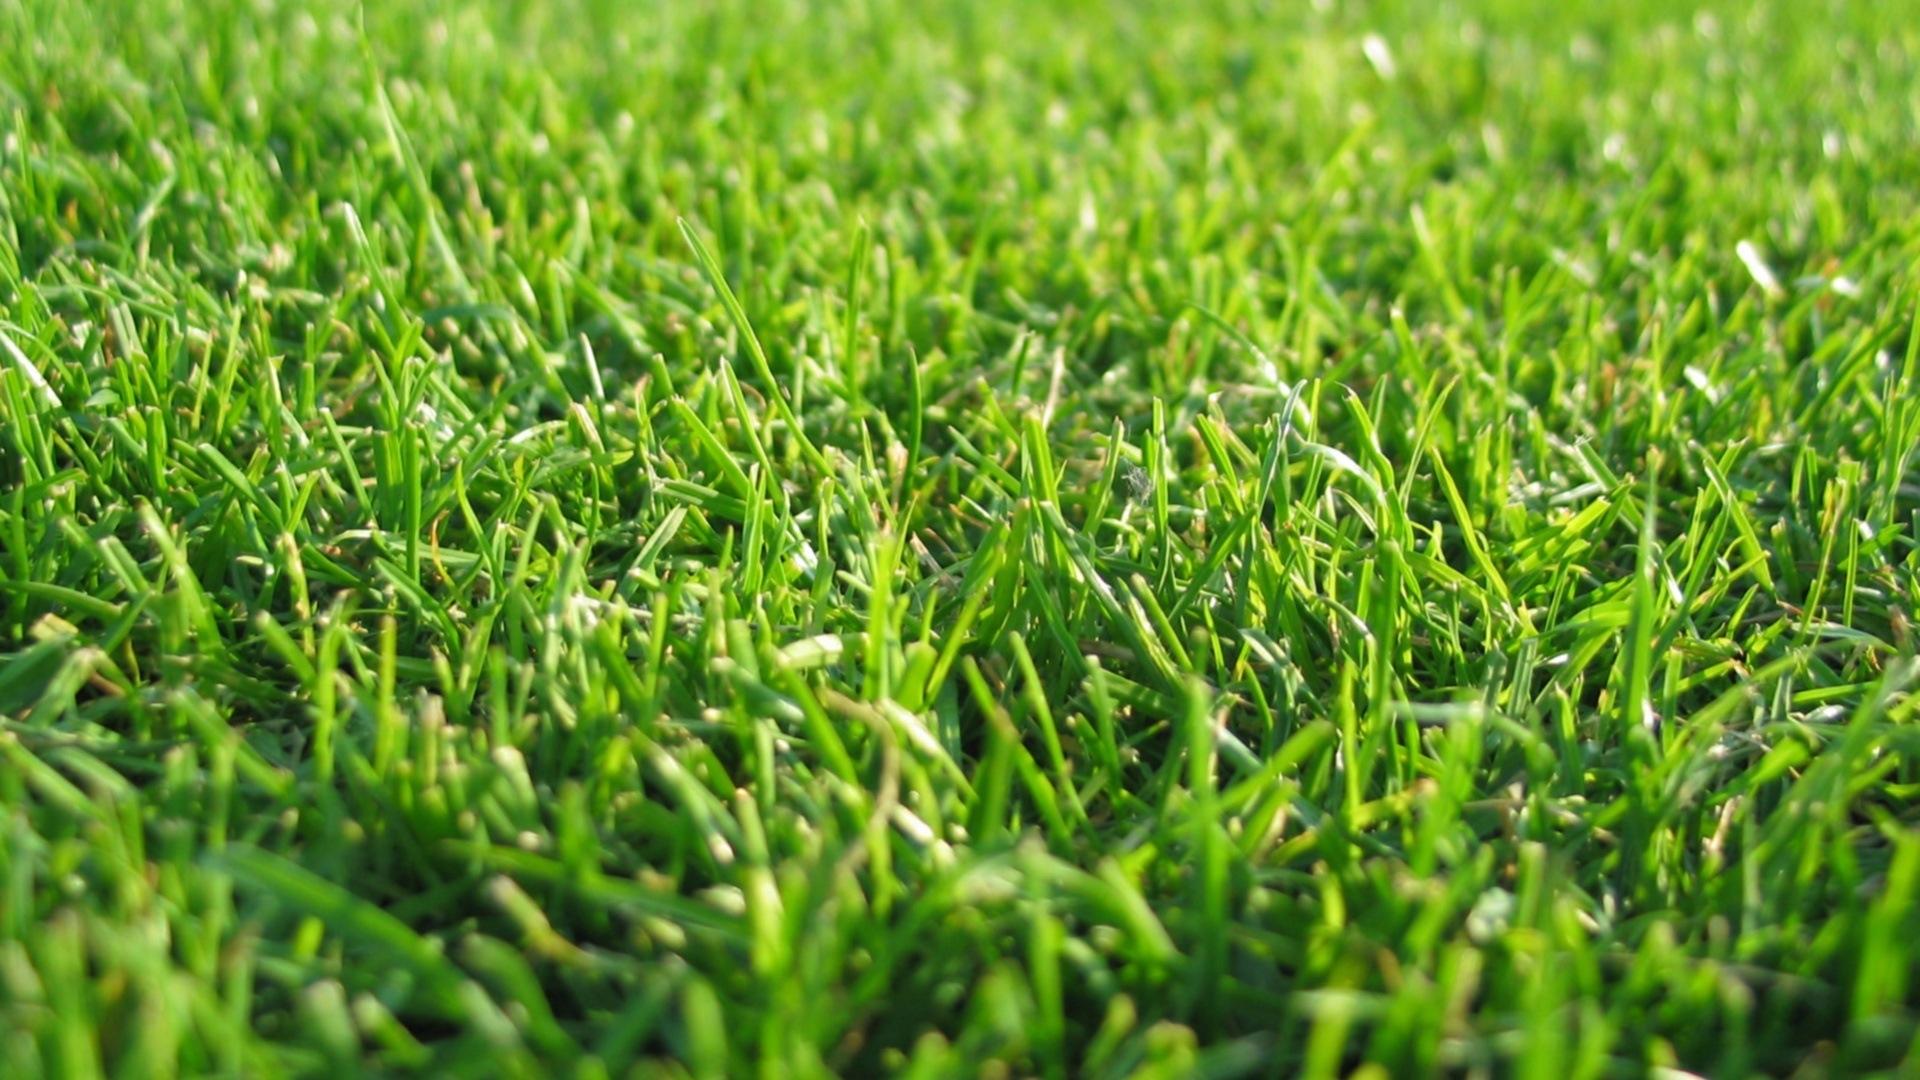 Download Wallpaper 1920x1080 Grass Lawn Green Full Hd 1080p Hd